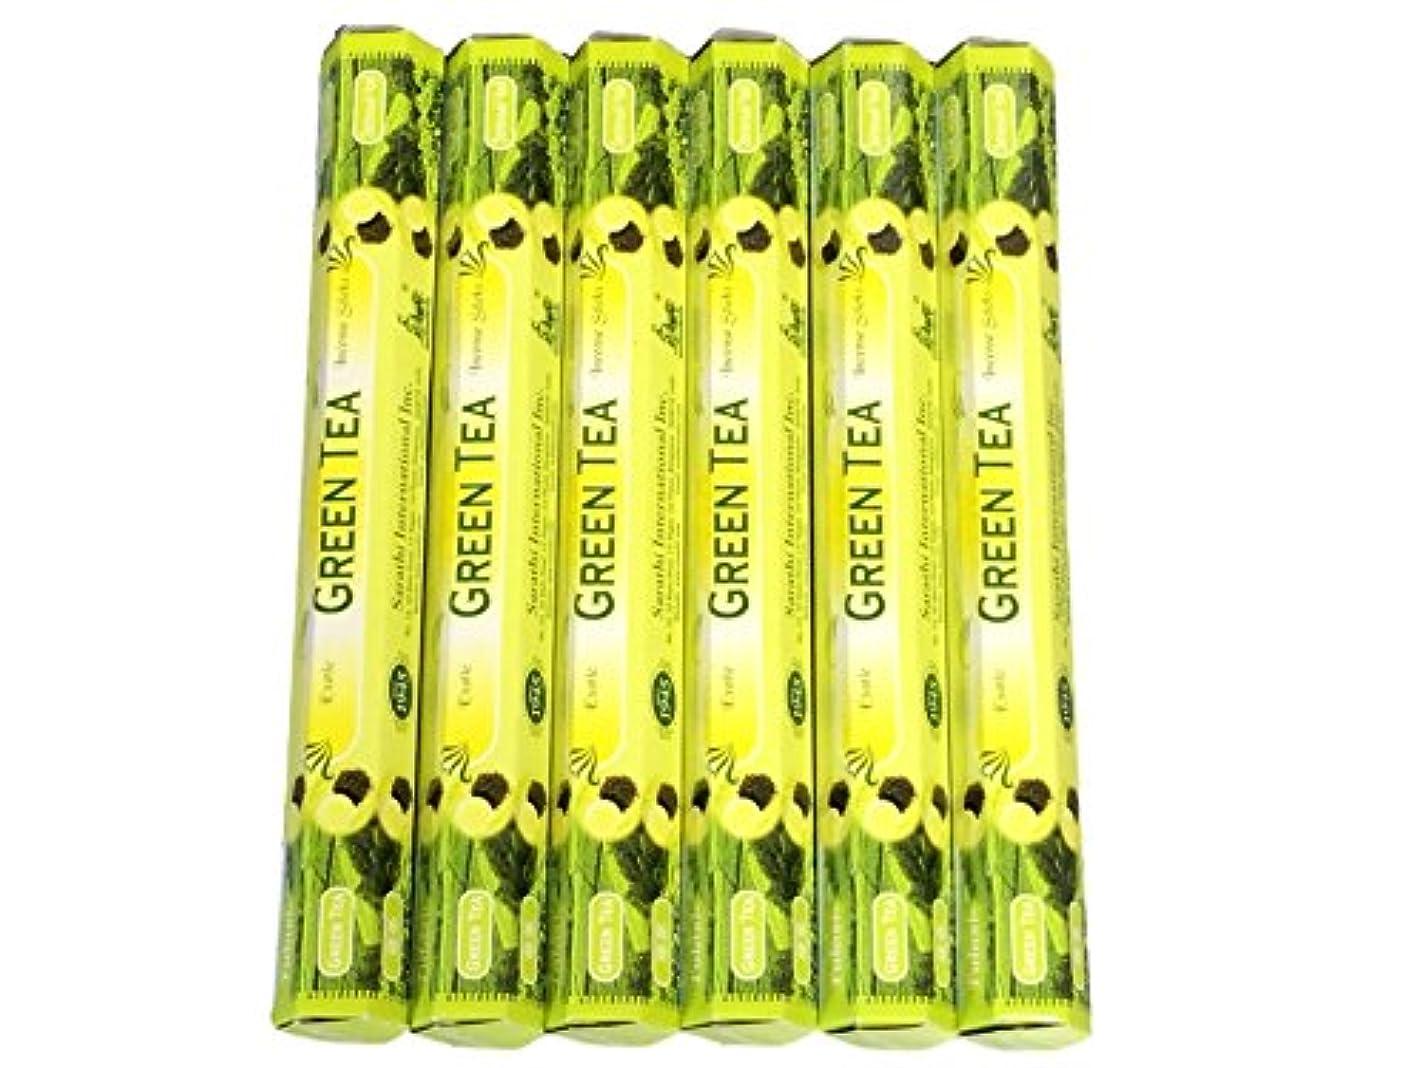 飛び込むこねる同情的Tulasi グリーンティー(GREEN TEA)香 スティック 6角(20本入り)×6箱 HEXAPACK